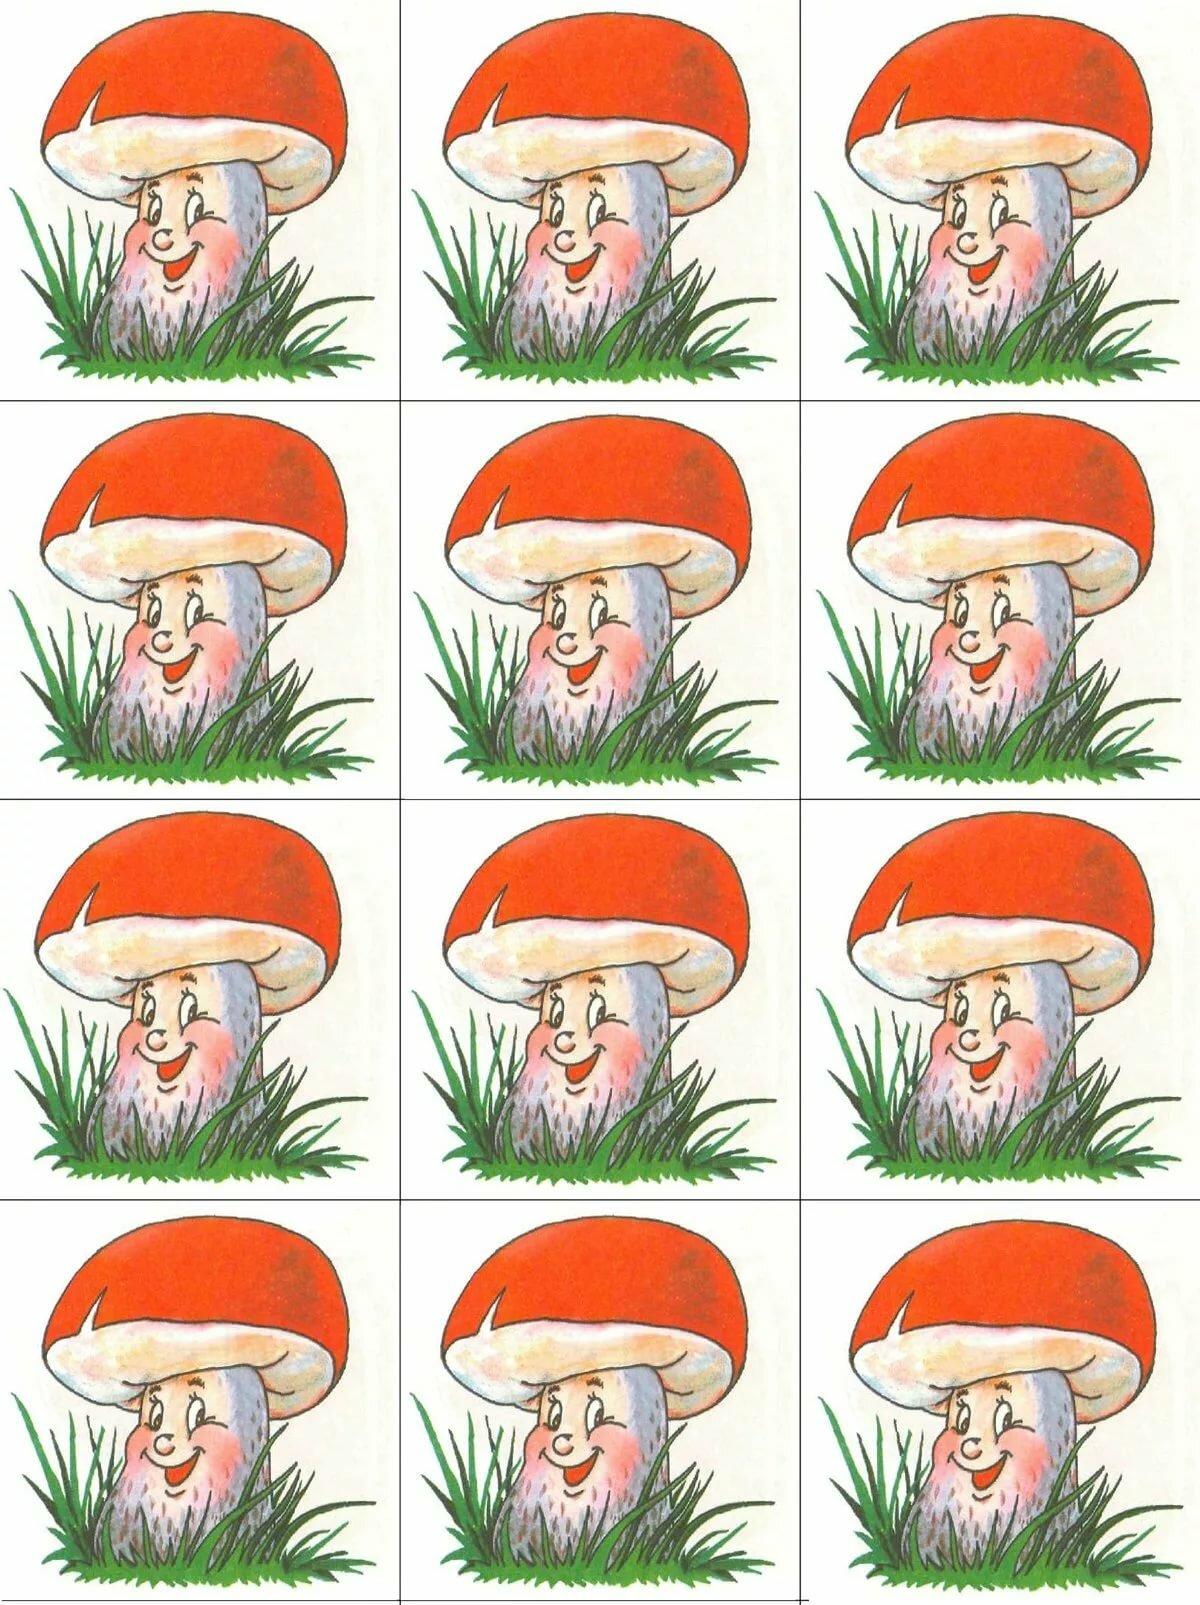 читать неподходящий грибы картинки счетный материал адекватные, букет соответствовал